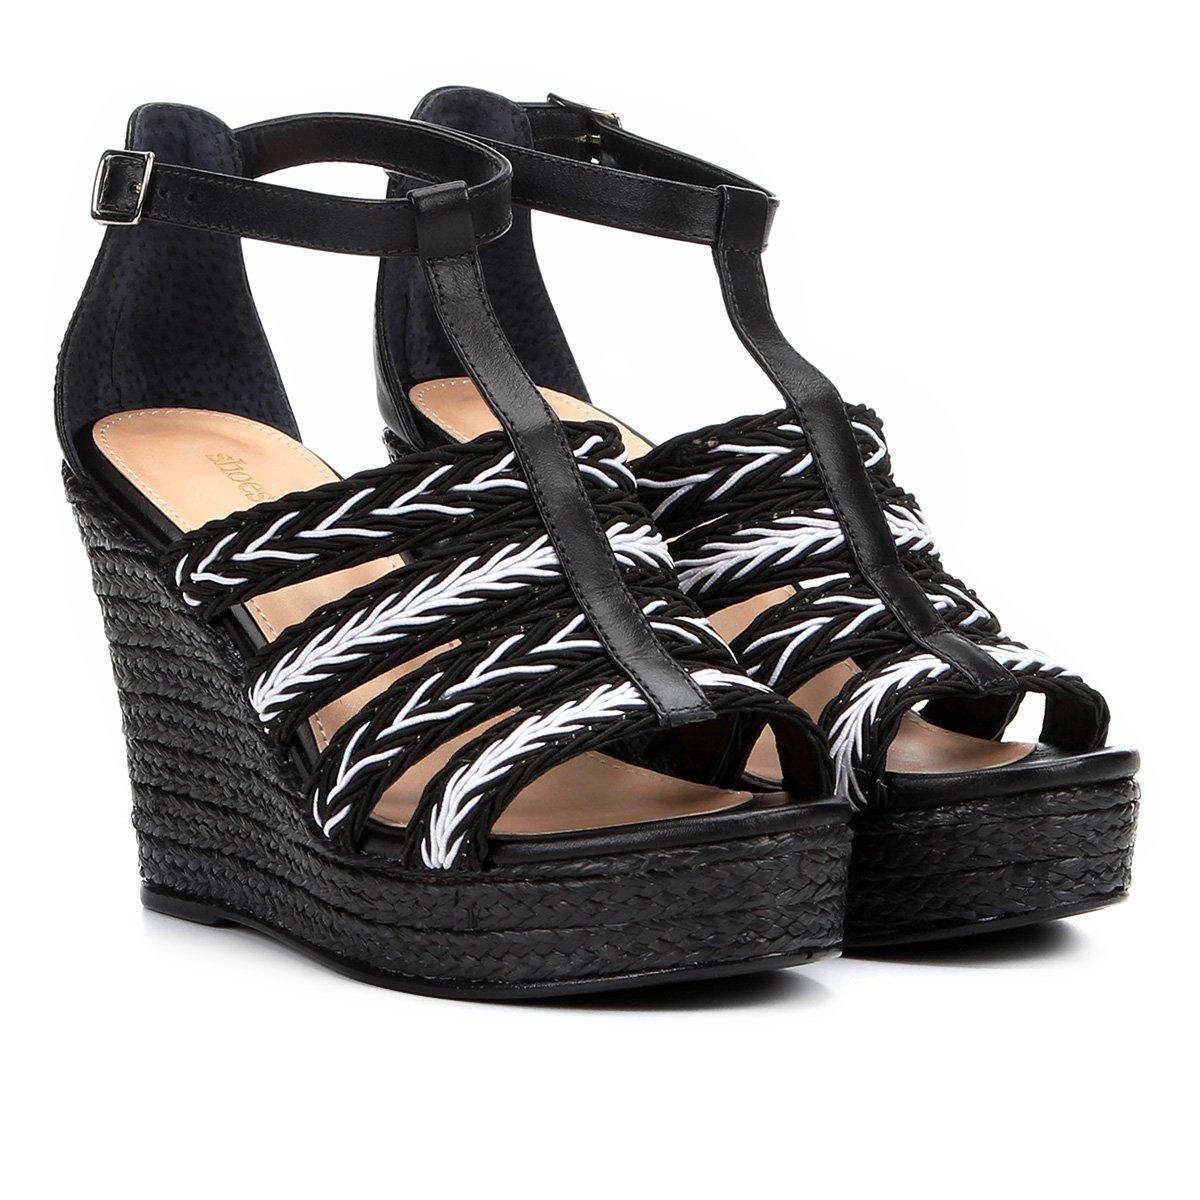 Foto 2 - Sandália Plataforma Couro Shoestock Tranças Feminina